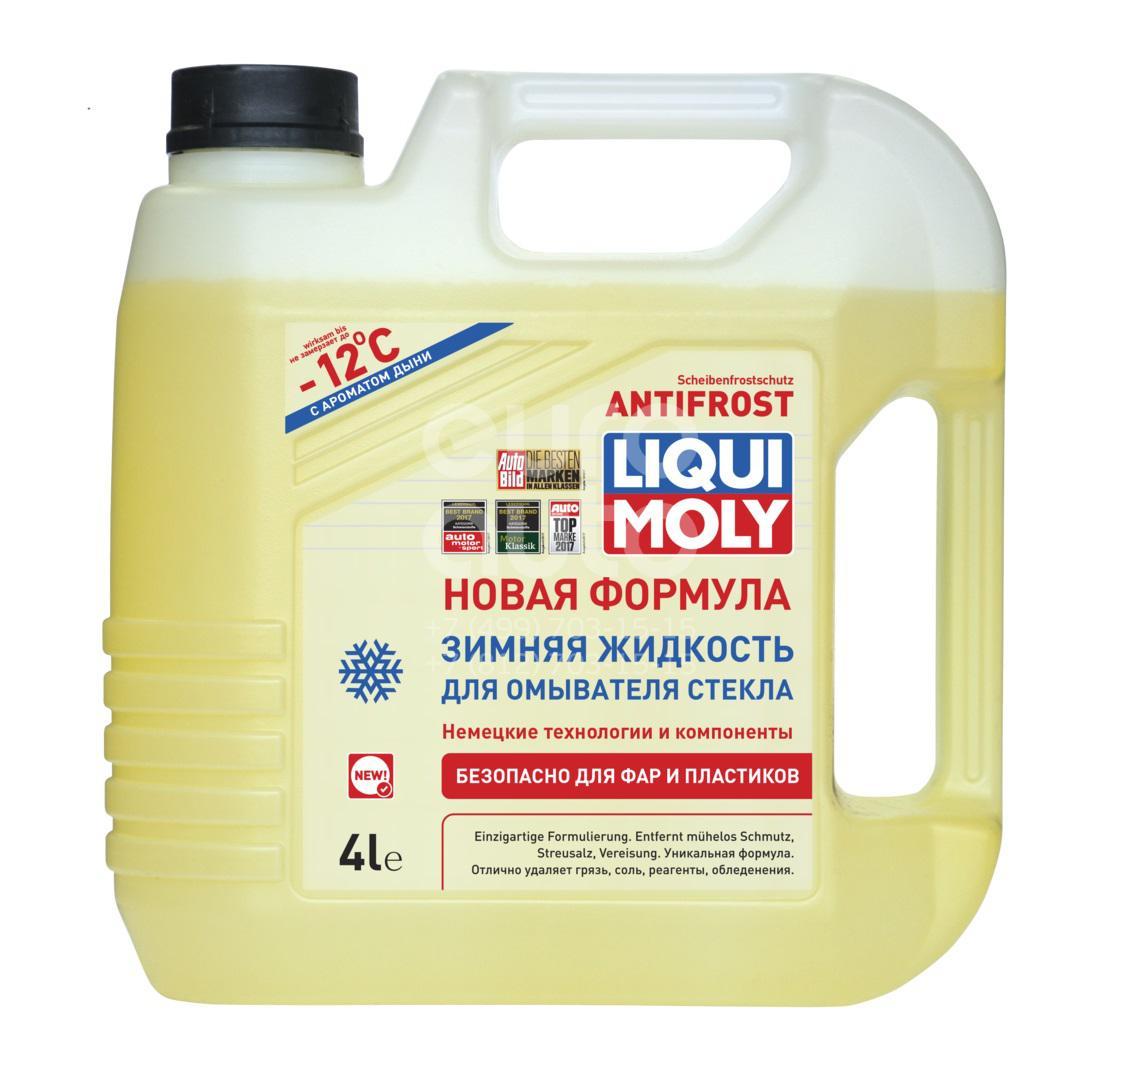 Жидкость омывателя ANTIFROST SCHEIBENFROSTSCHUTZ -12C 4L - Фото №1